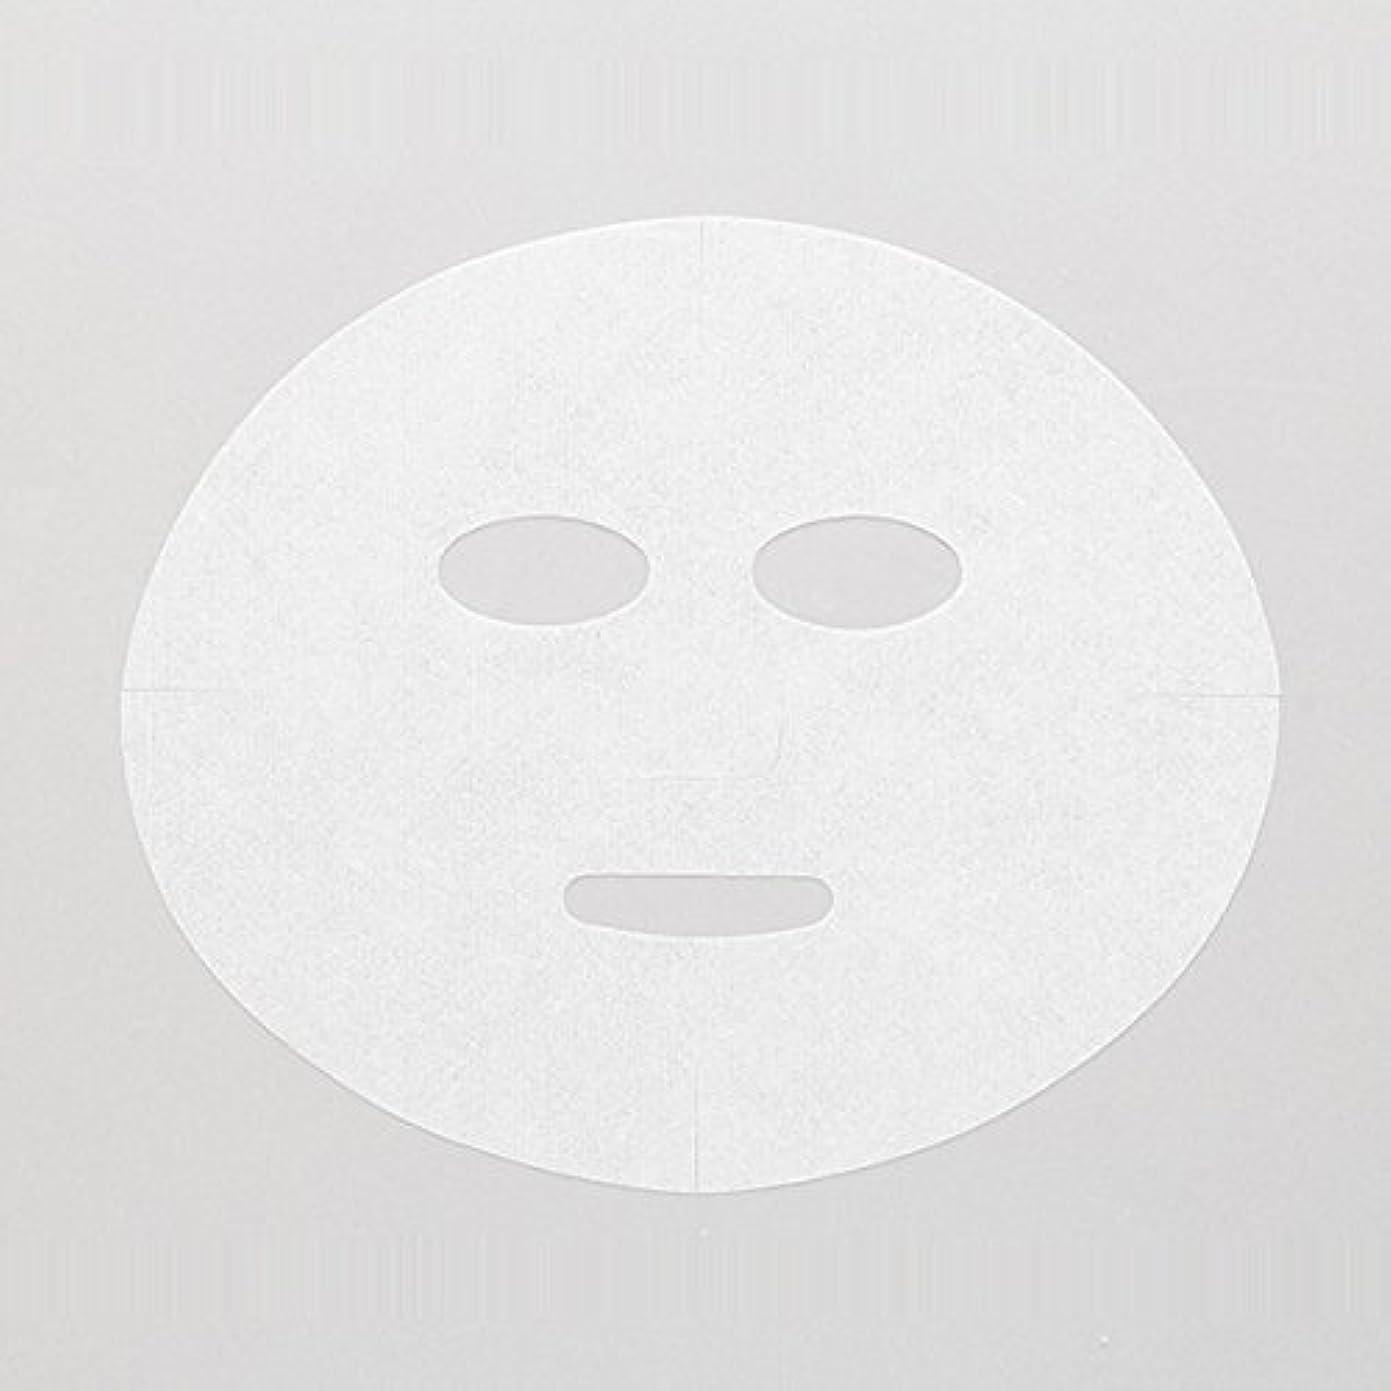 不道徳飛行機典型的な高保水 フェイシャルシート (マスクタイプ 化粧水無) 80枚 24×20cm [ フェイスマスク フェイスシート フェイスパック フェイシャルマスク シートマスク フェイシャルシート フェイシャルパック ローションマスク ローションパック ]